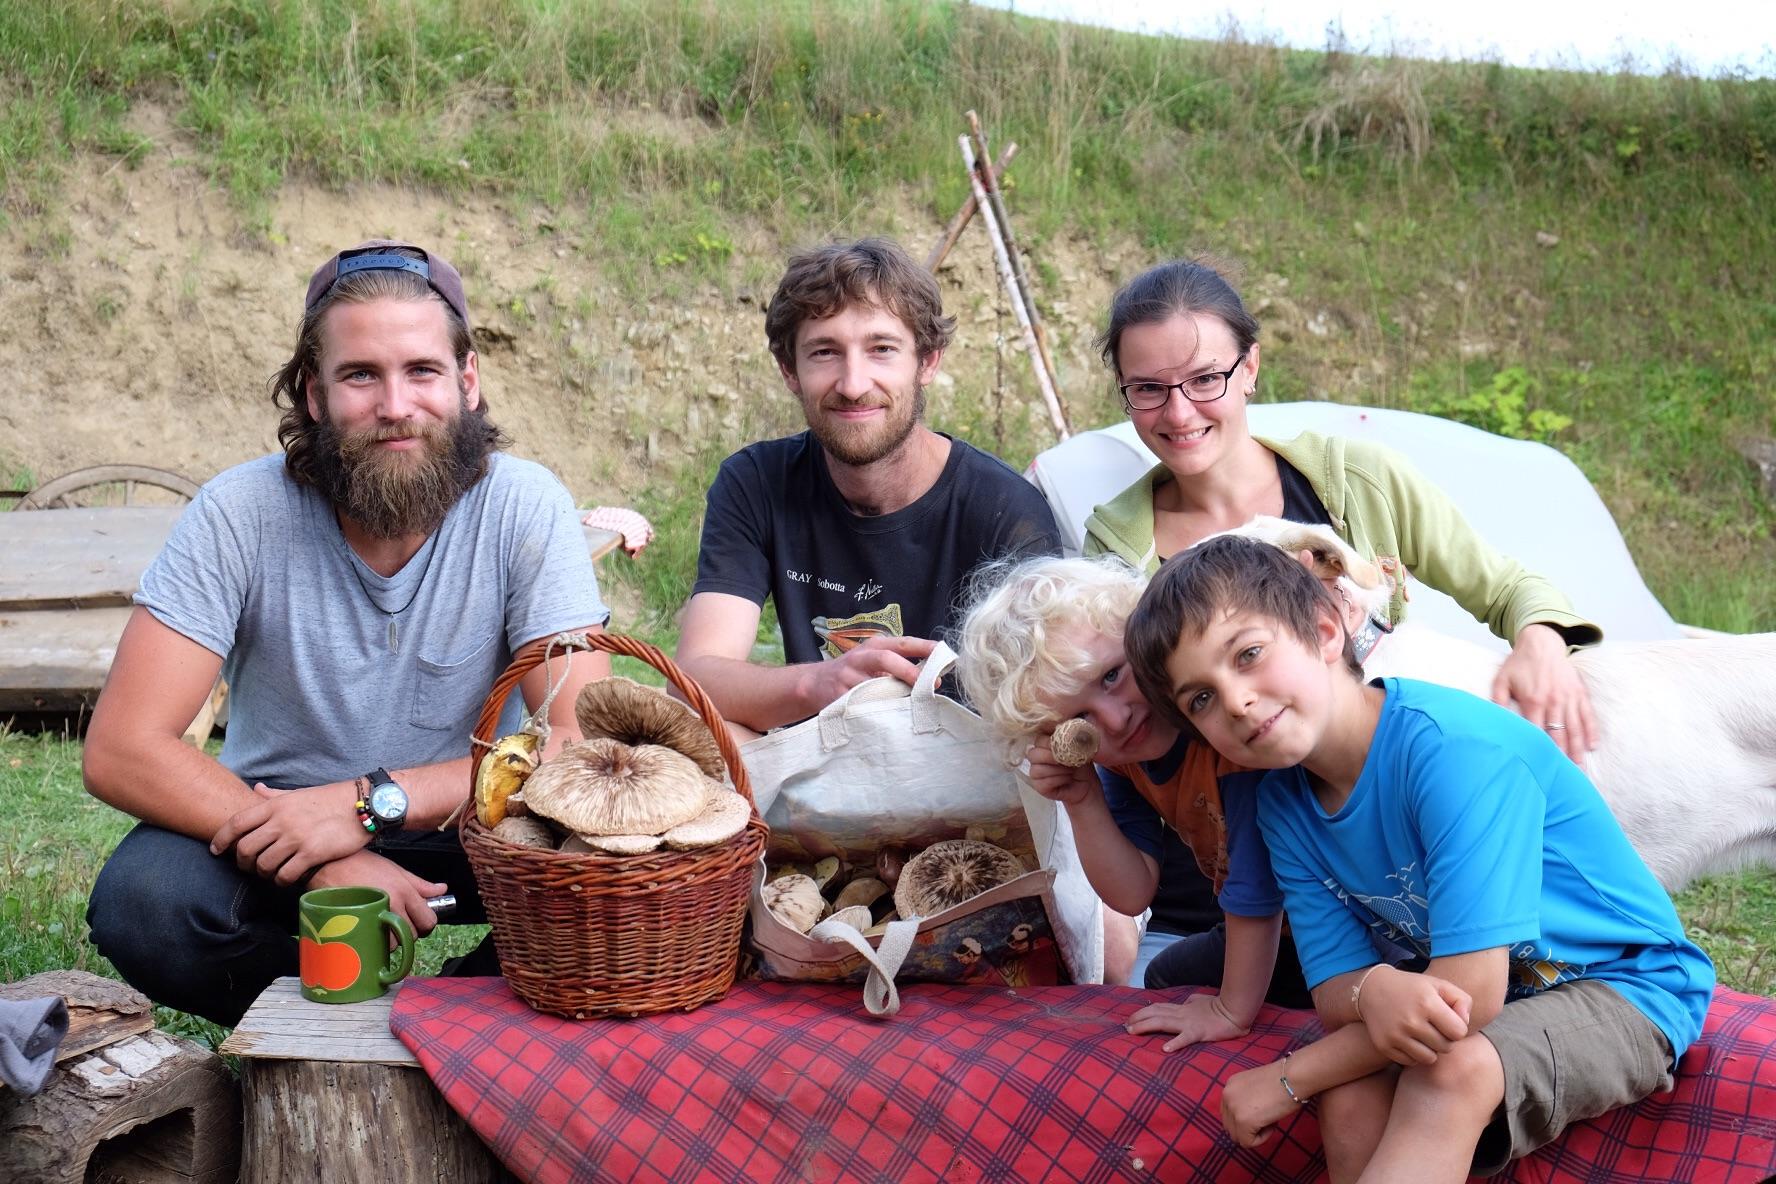 Cueillette aux champignons